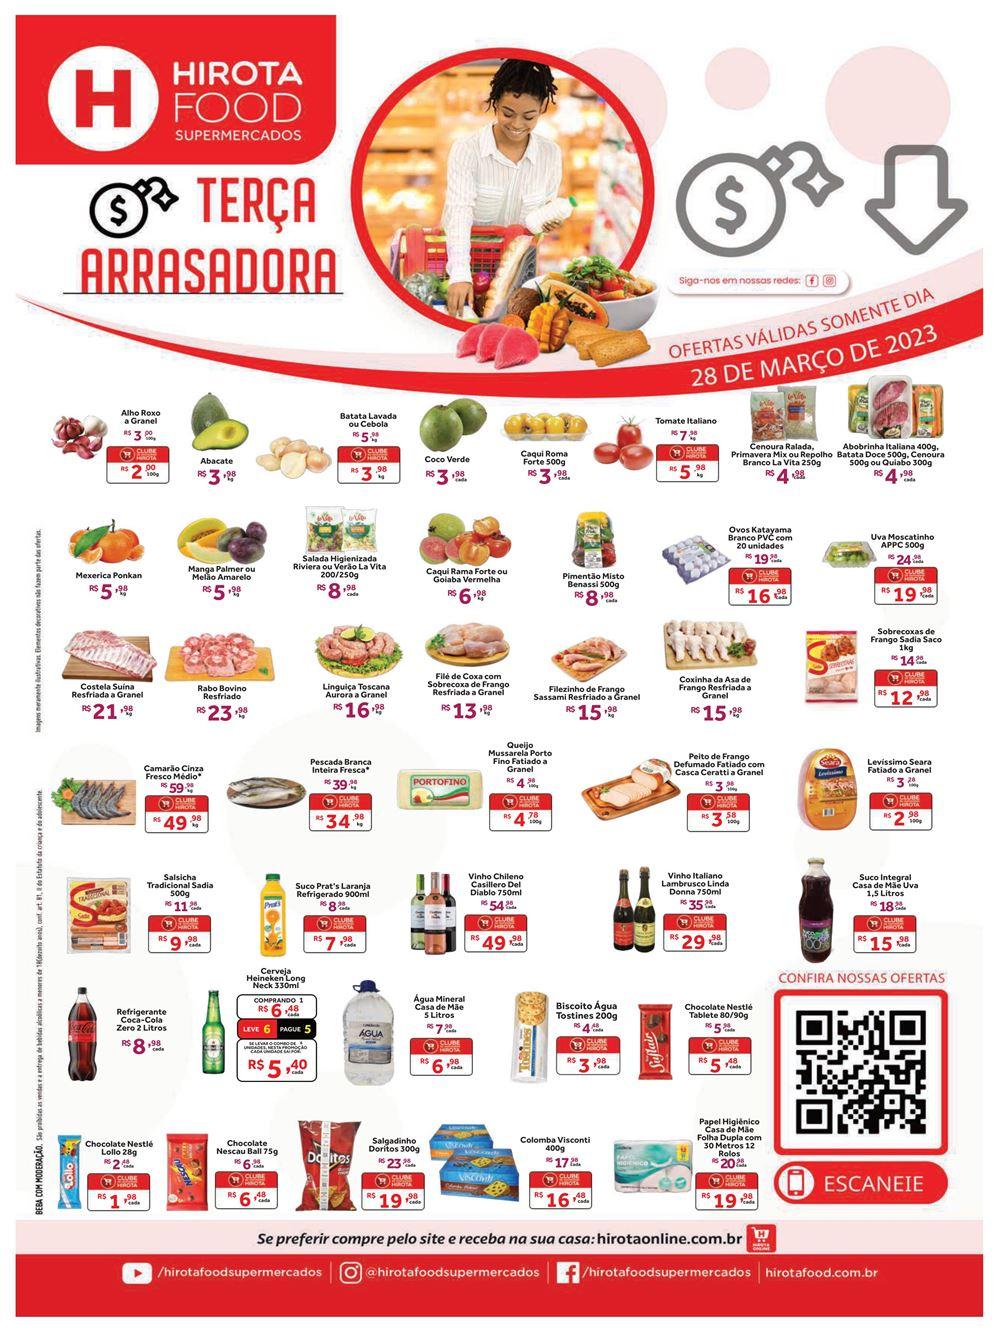 hirota-ofertas-descontos-hoje1-32 Ofertas de supermercados